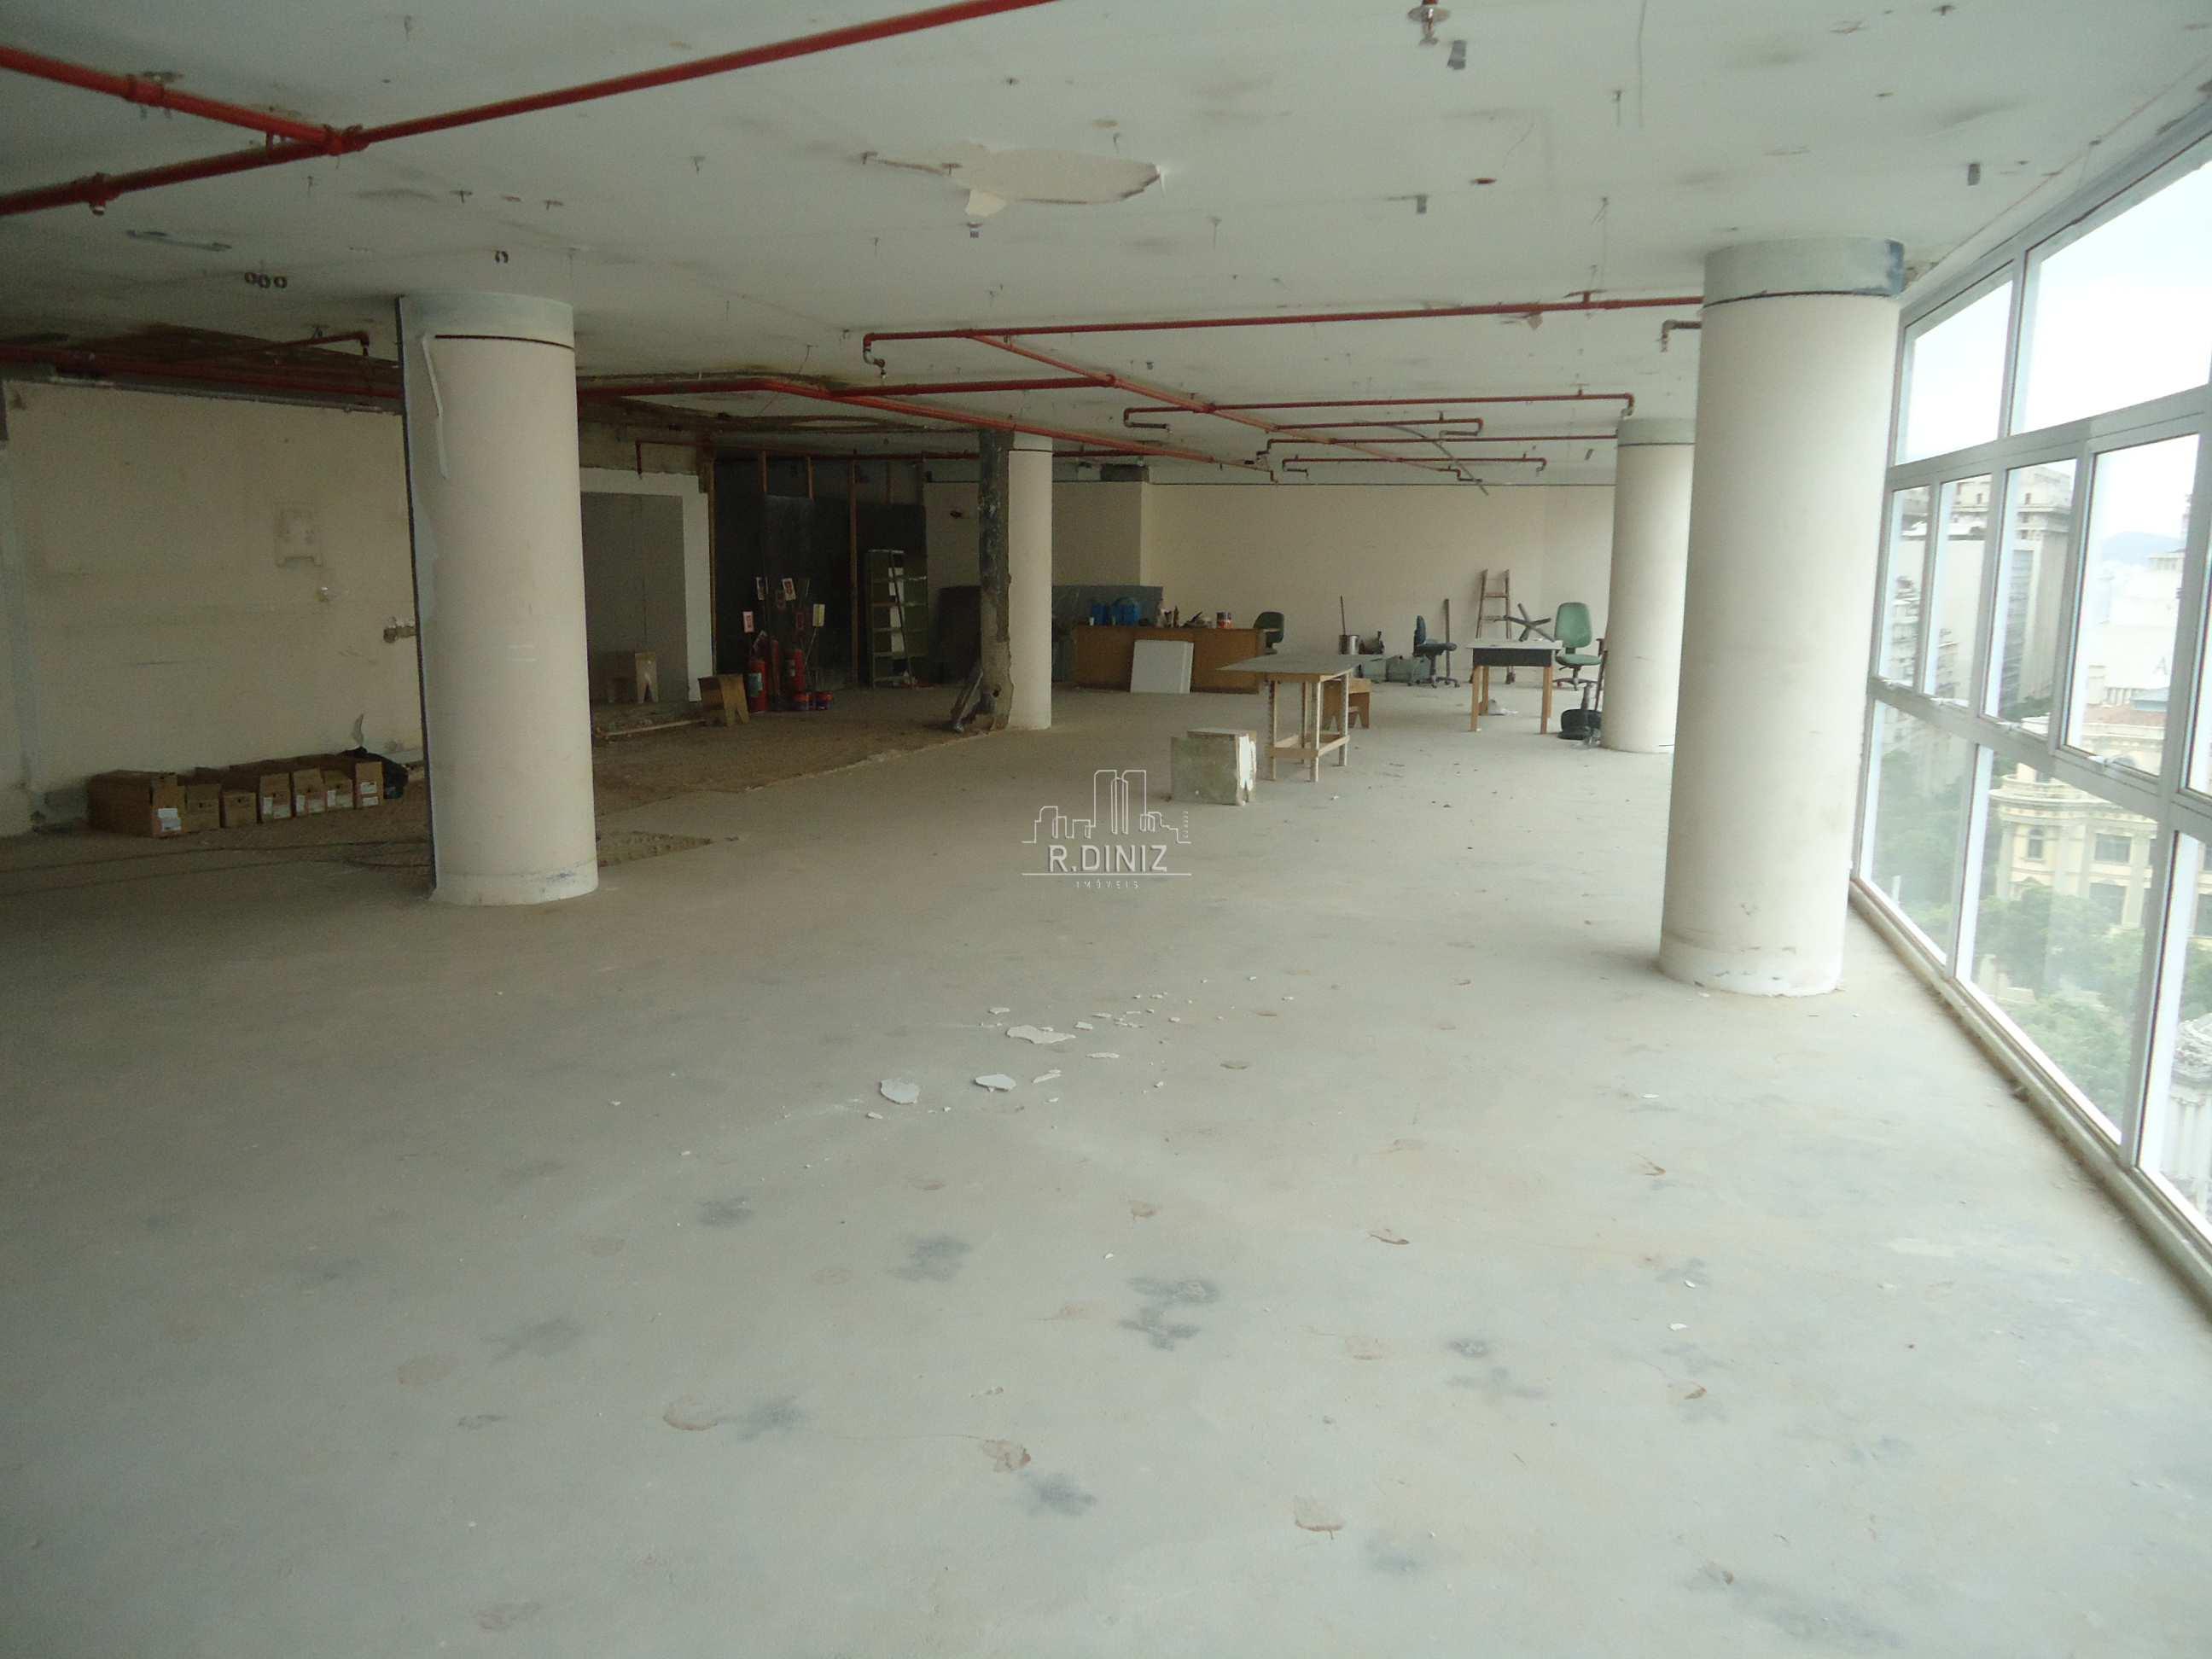 Centro, Cinelândia, Rua Senador Dantas, Andar corporativo, Aluguel, Rio de Janeiro, RJ - im011308 - 2